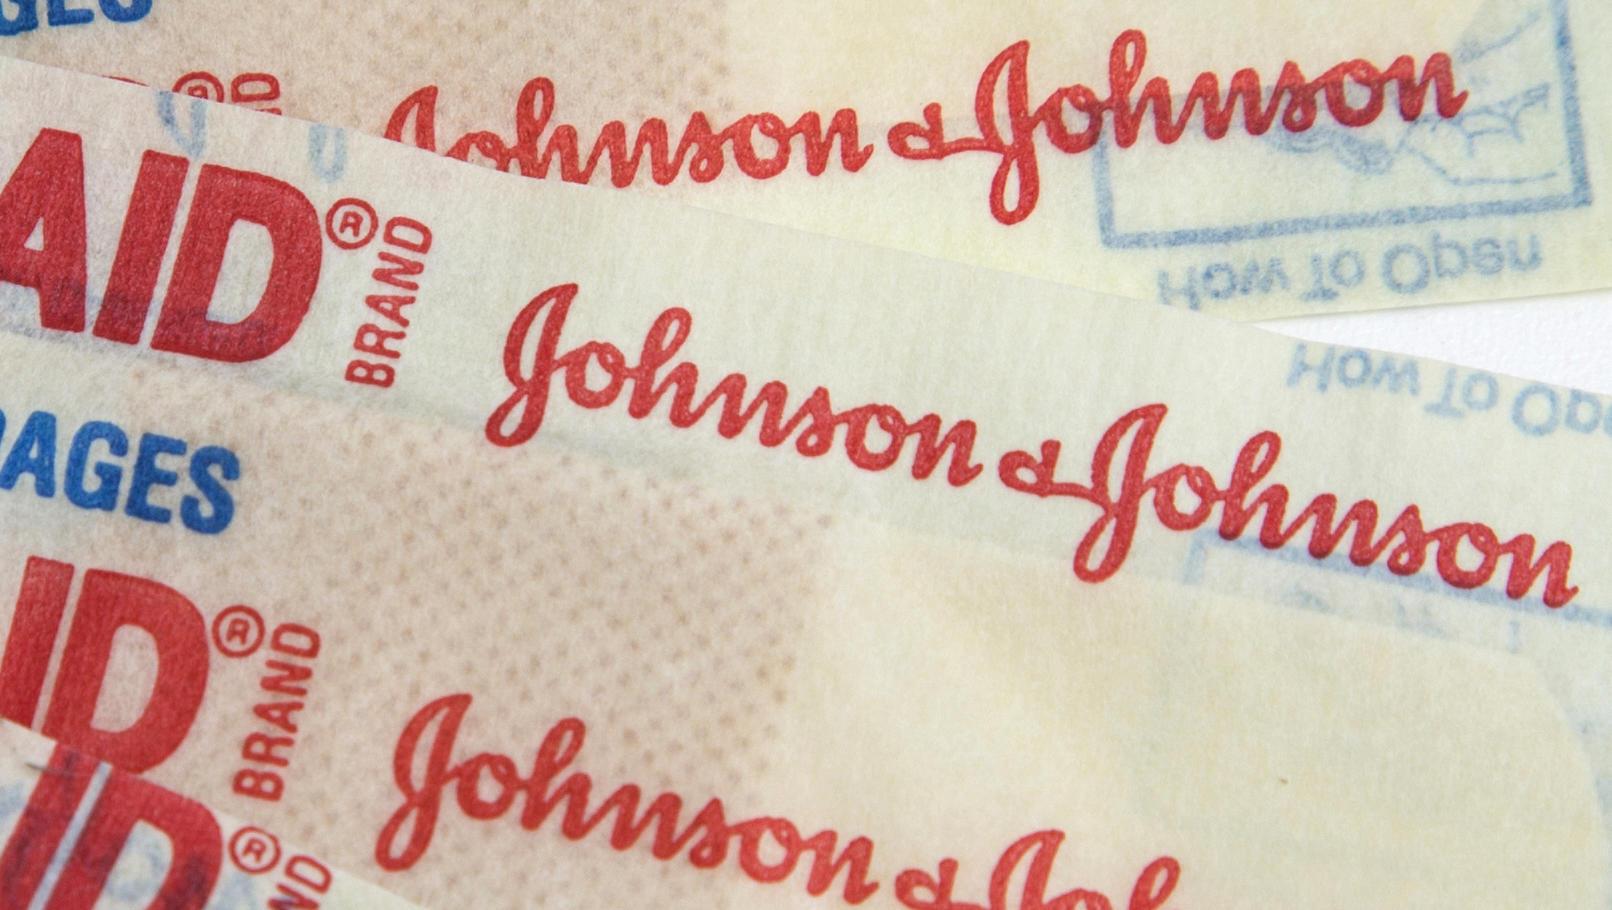 Johnson & Johnson stoppt entscheidende Studie mit Corona-Impfstoff wegen ungeklärter Krankheit